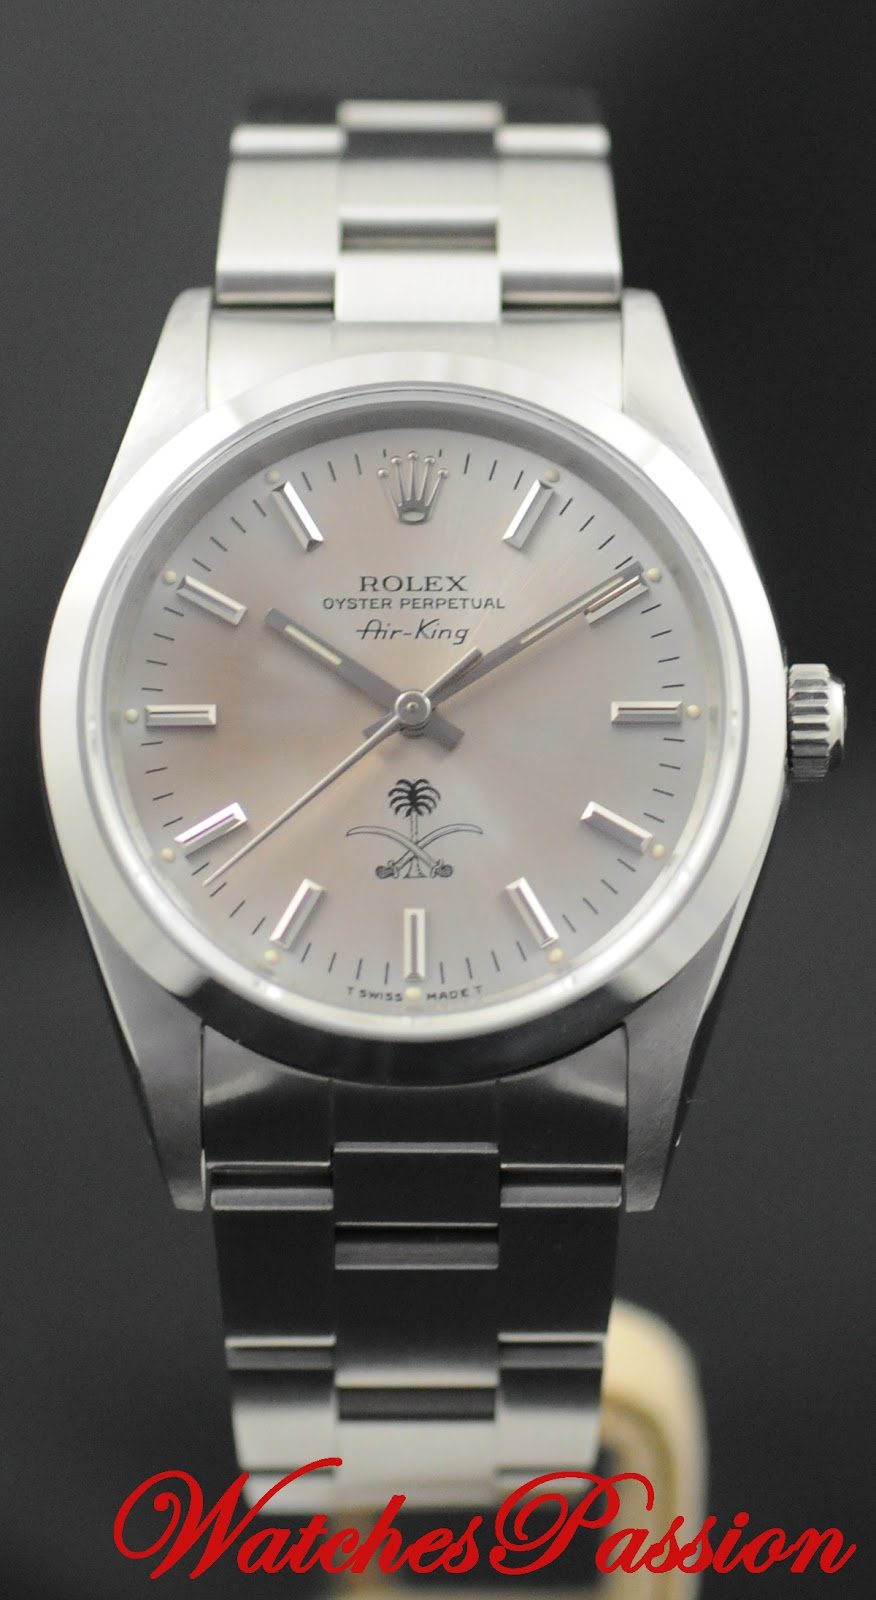 Rolex Watches Ksa